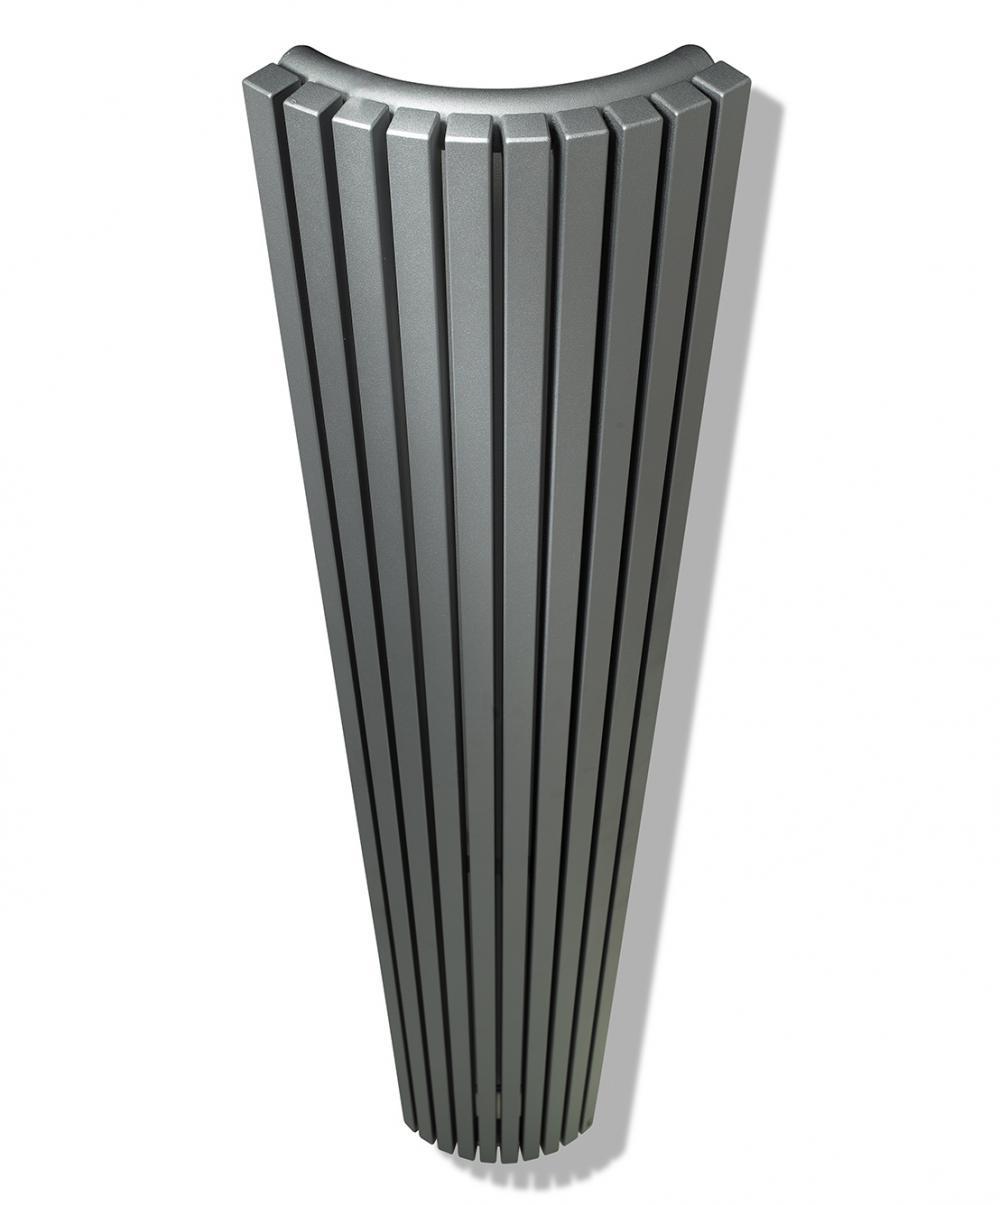 Calorifere decorative pentru colt Vasco Carre CR-A 1400x298 mm, 810 W